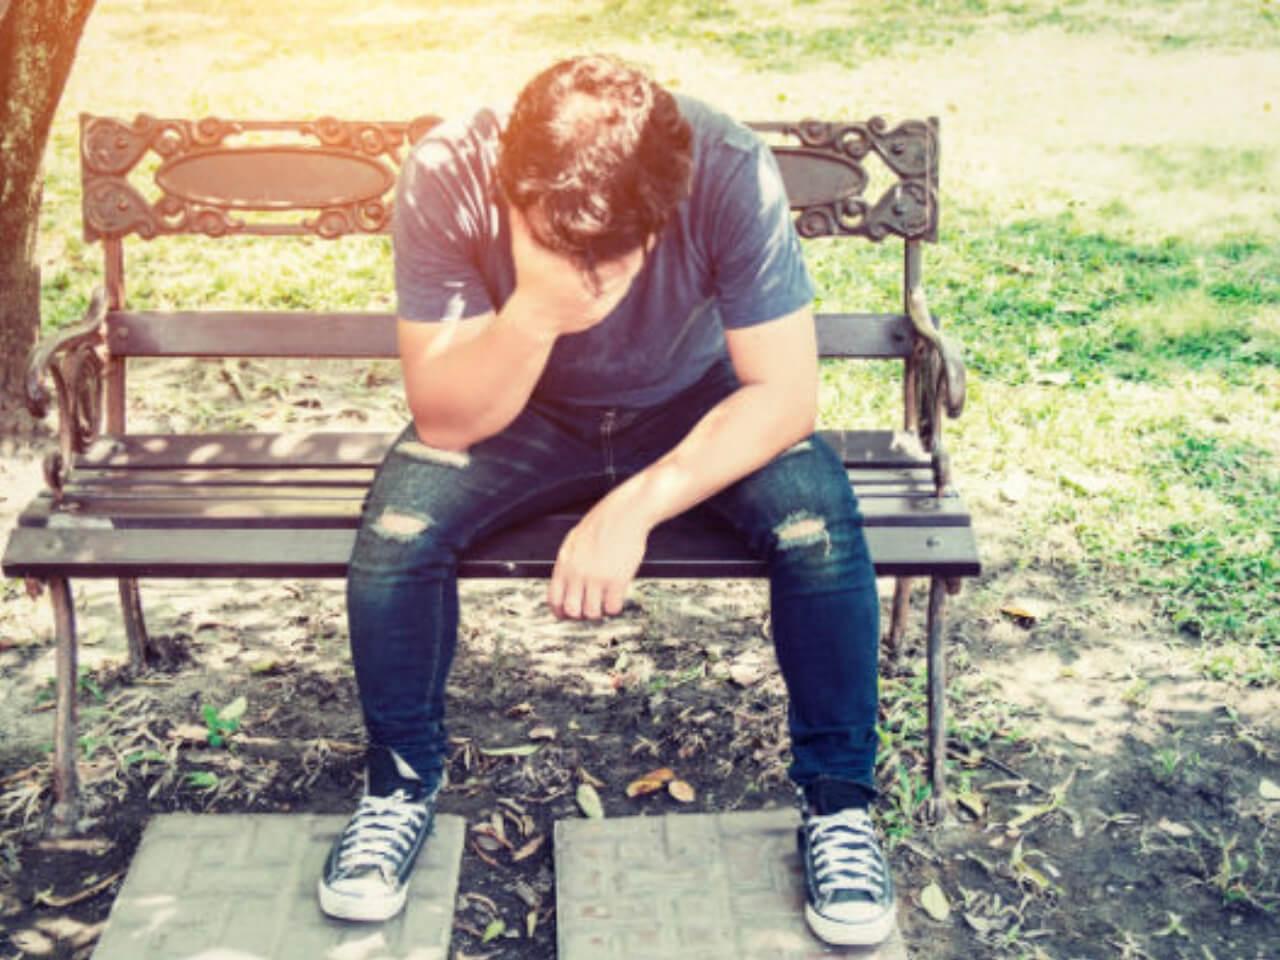 公園のベンチに座ってがっかりする男性